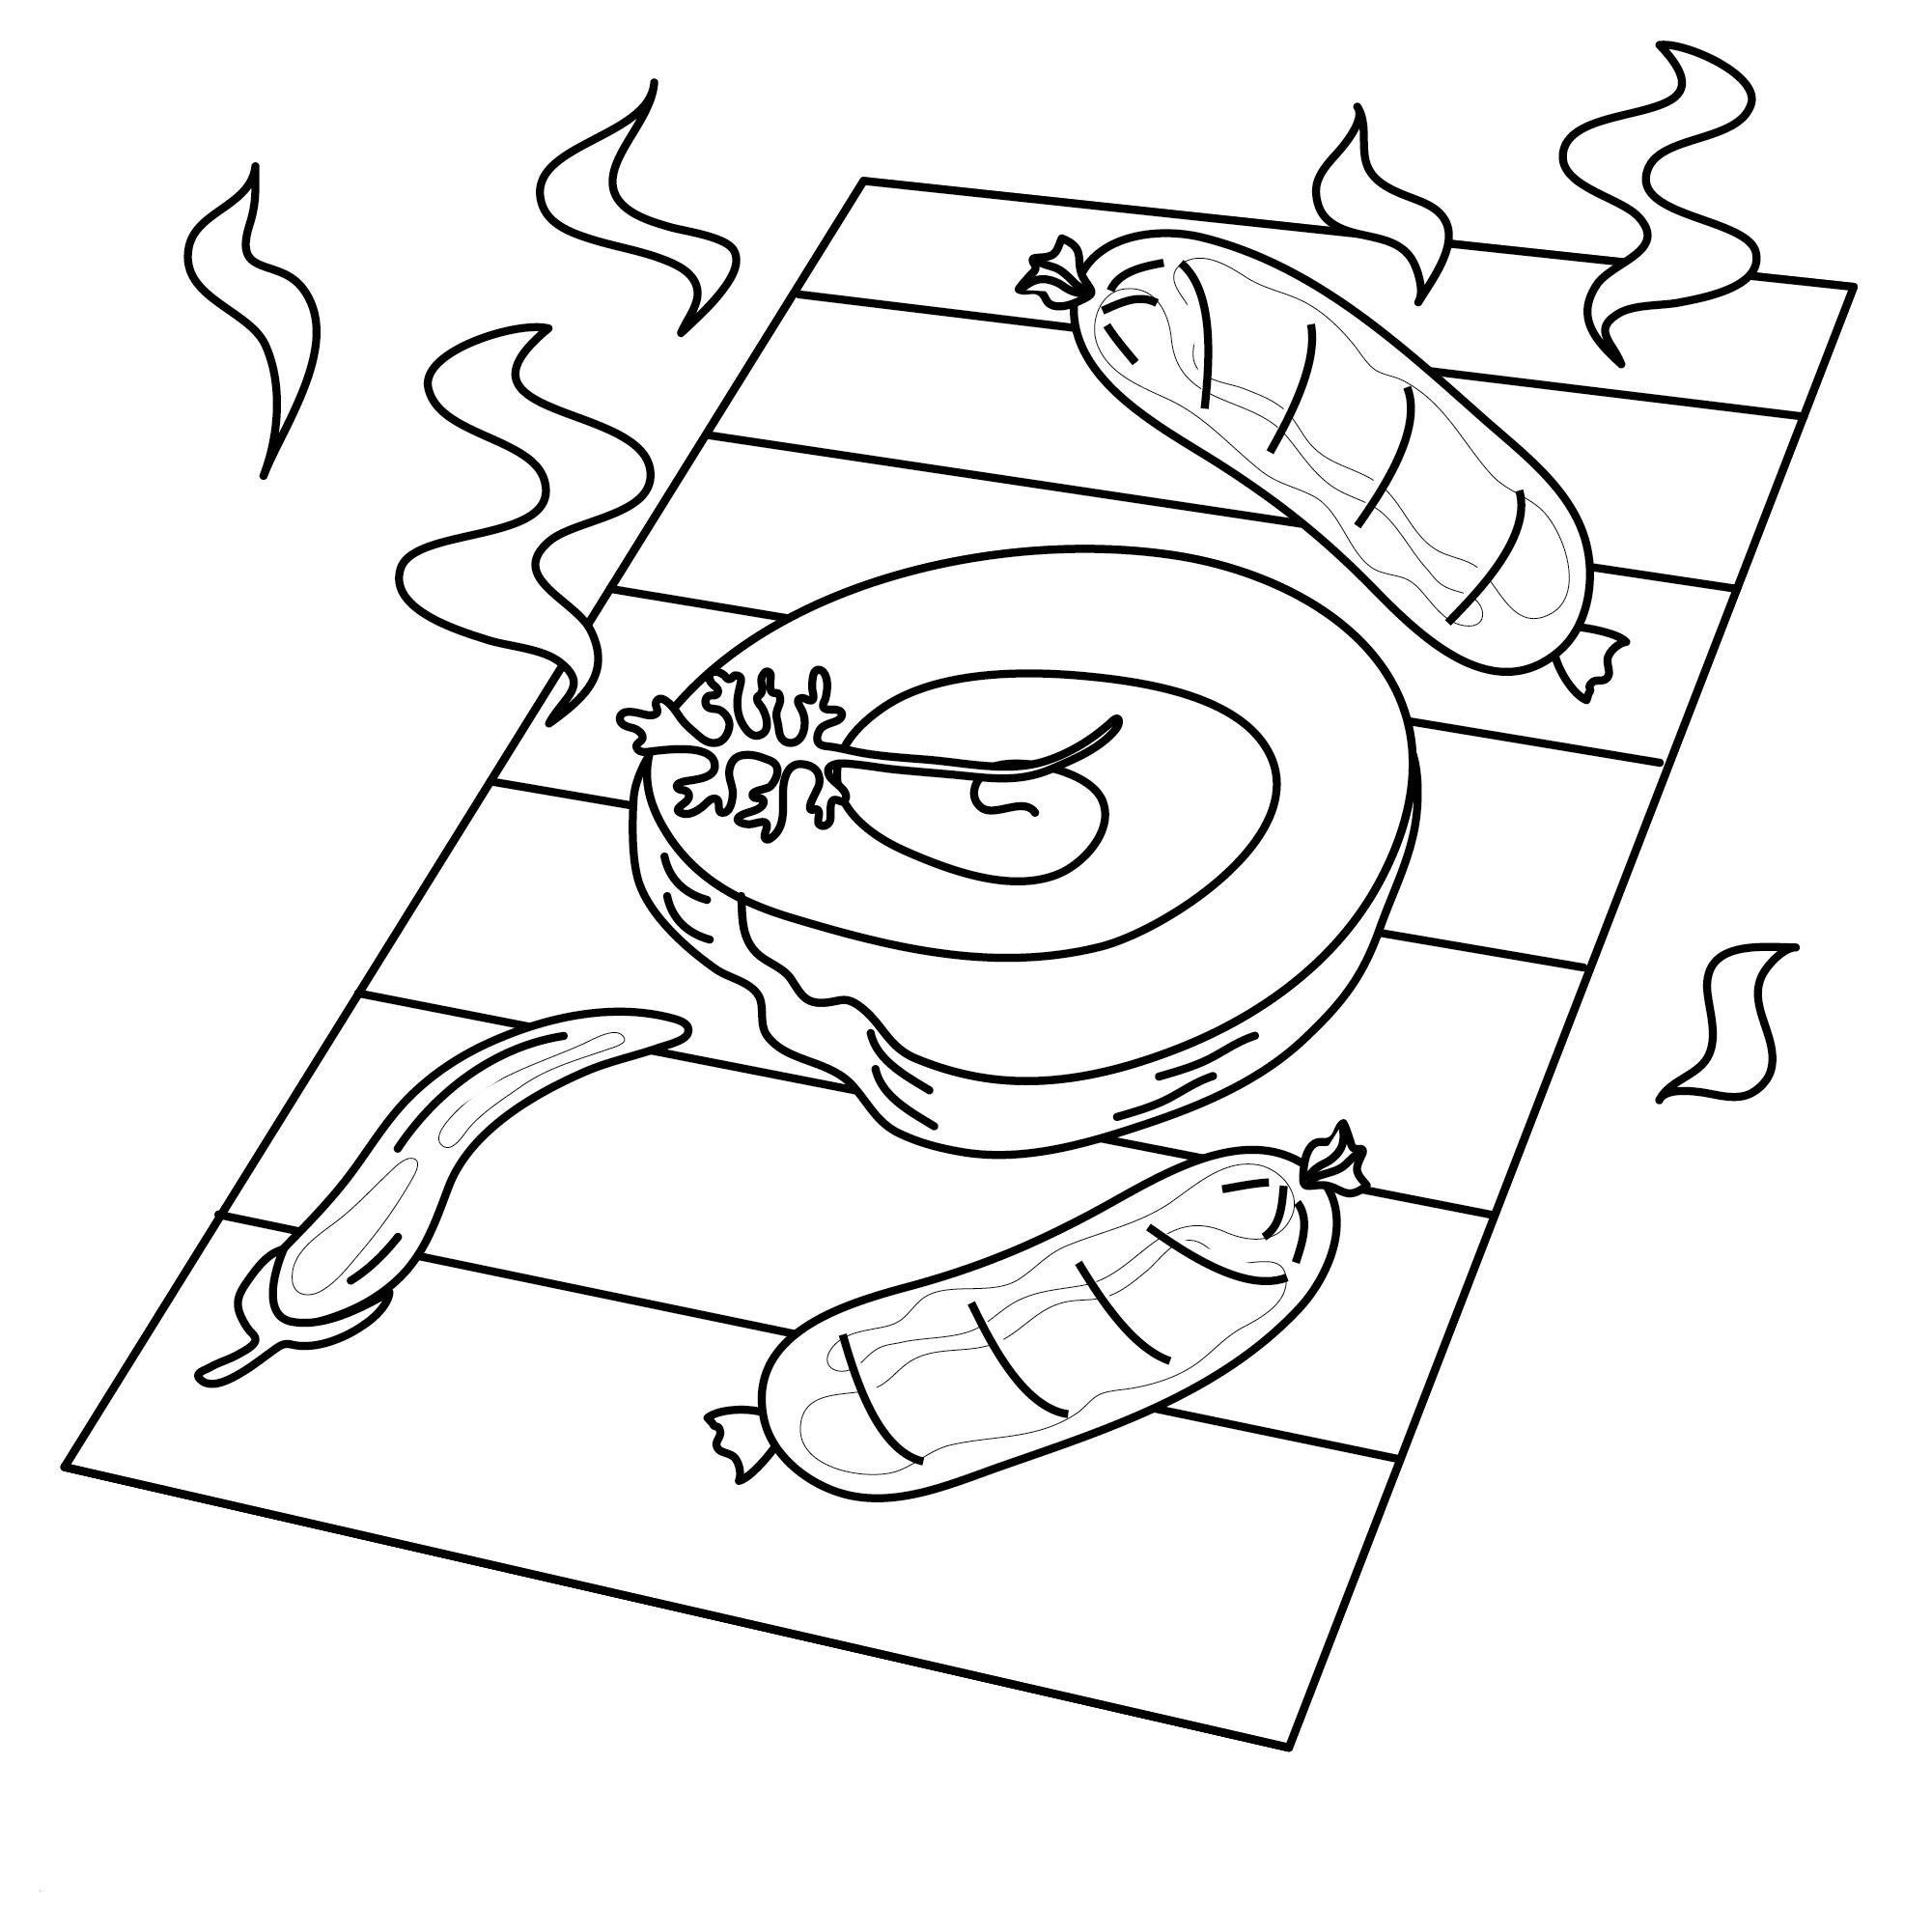 Elena Von Avalor Ausmalbilder Genial Ninjago Ausmalbilder Das Jahr Der Schlangen Inspirierend Malvorlagen Galerie